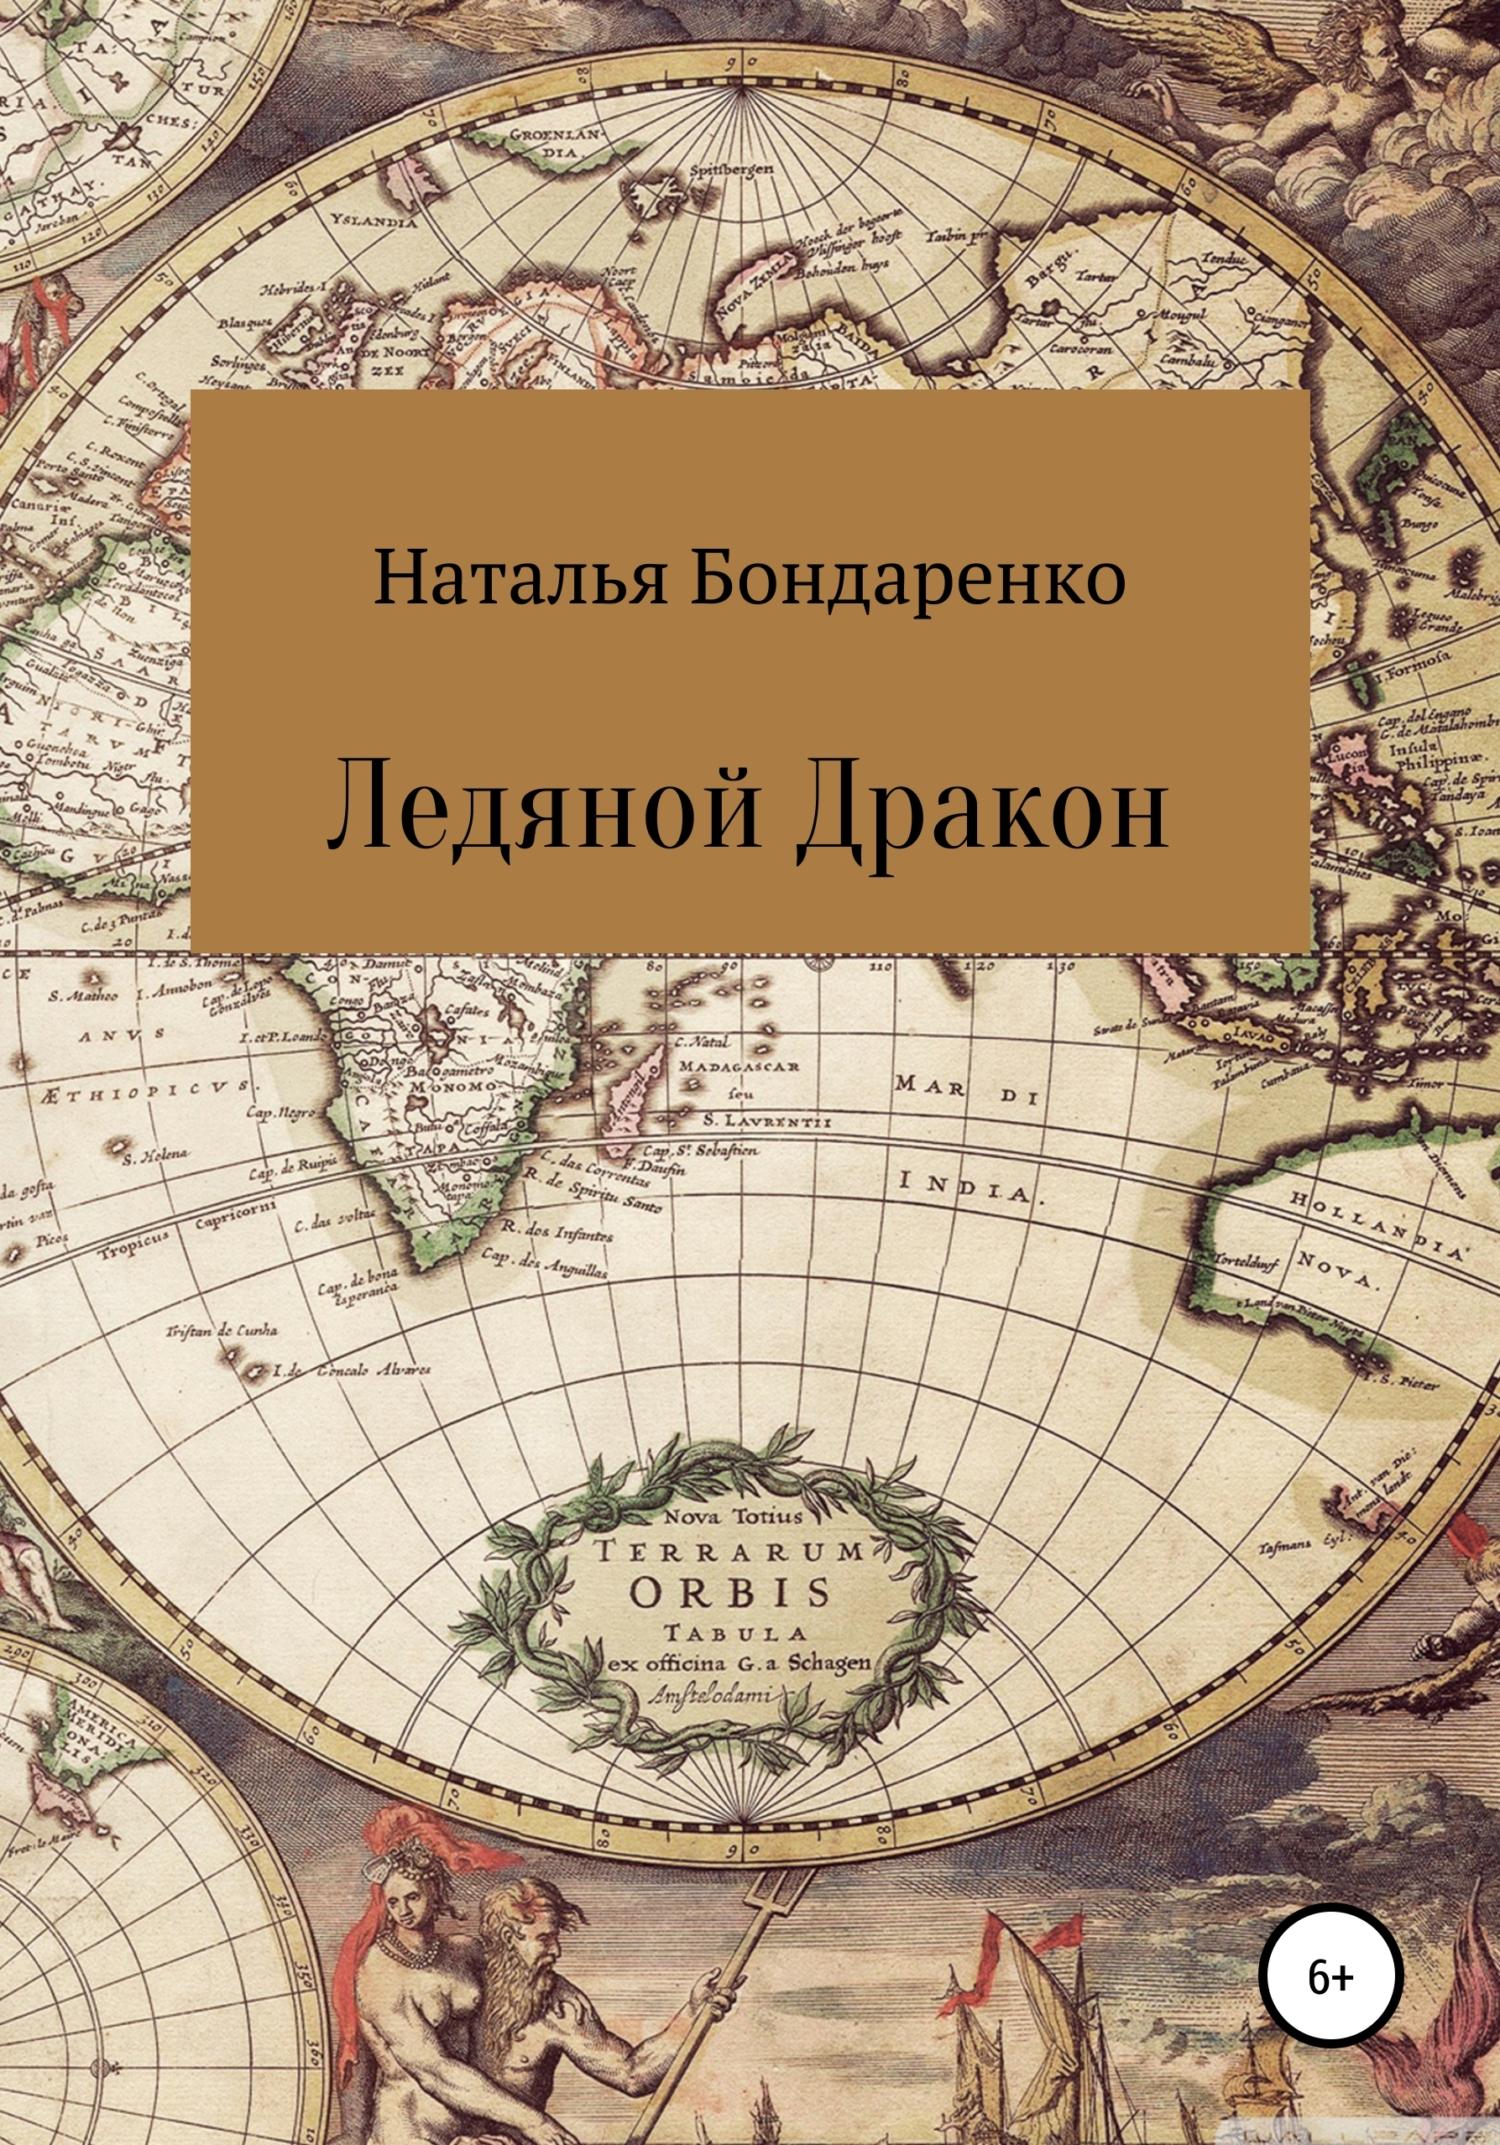 Купить книгу Ледяной Дракон, автора Натальи Бондаренко